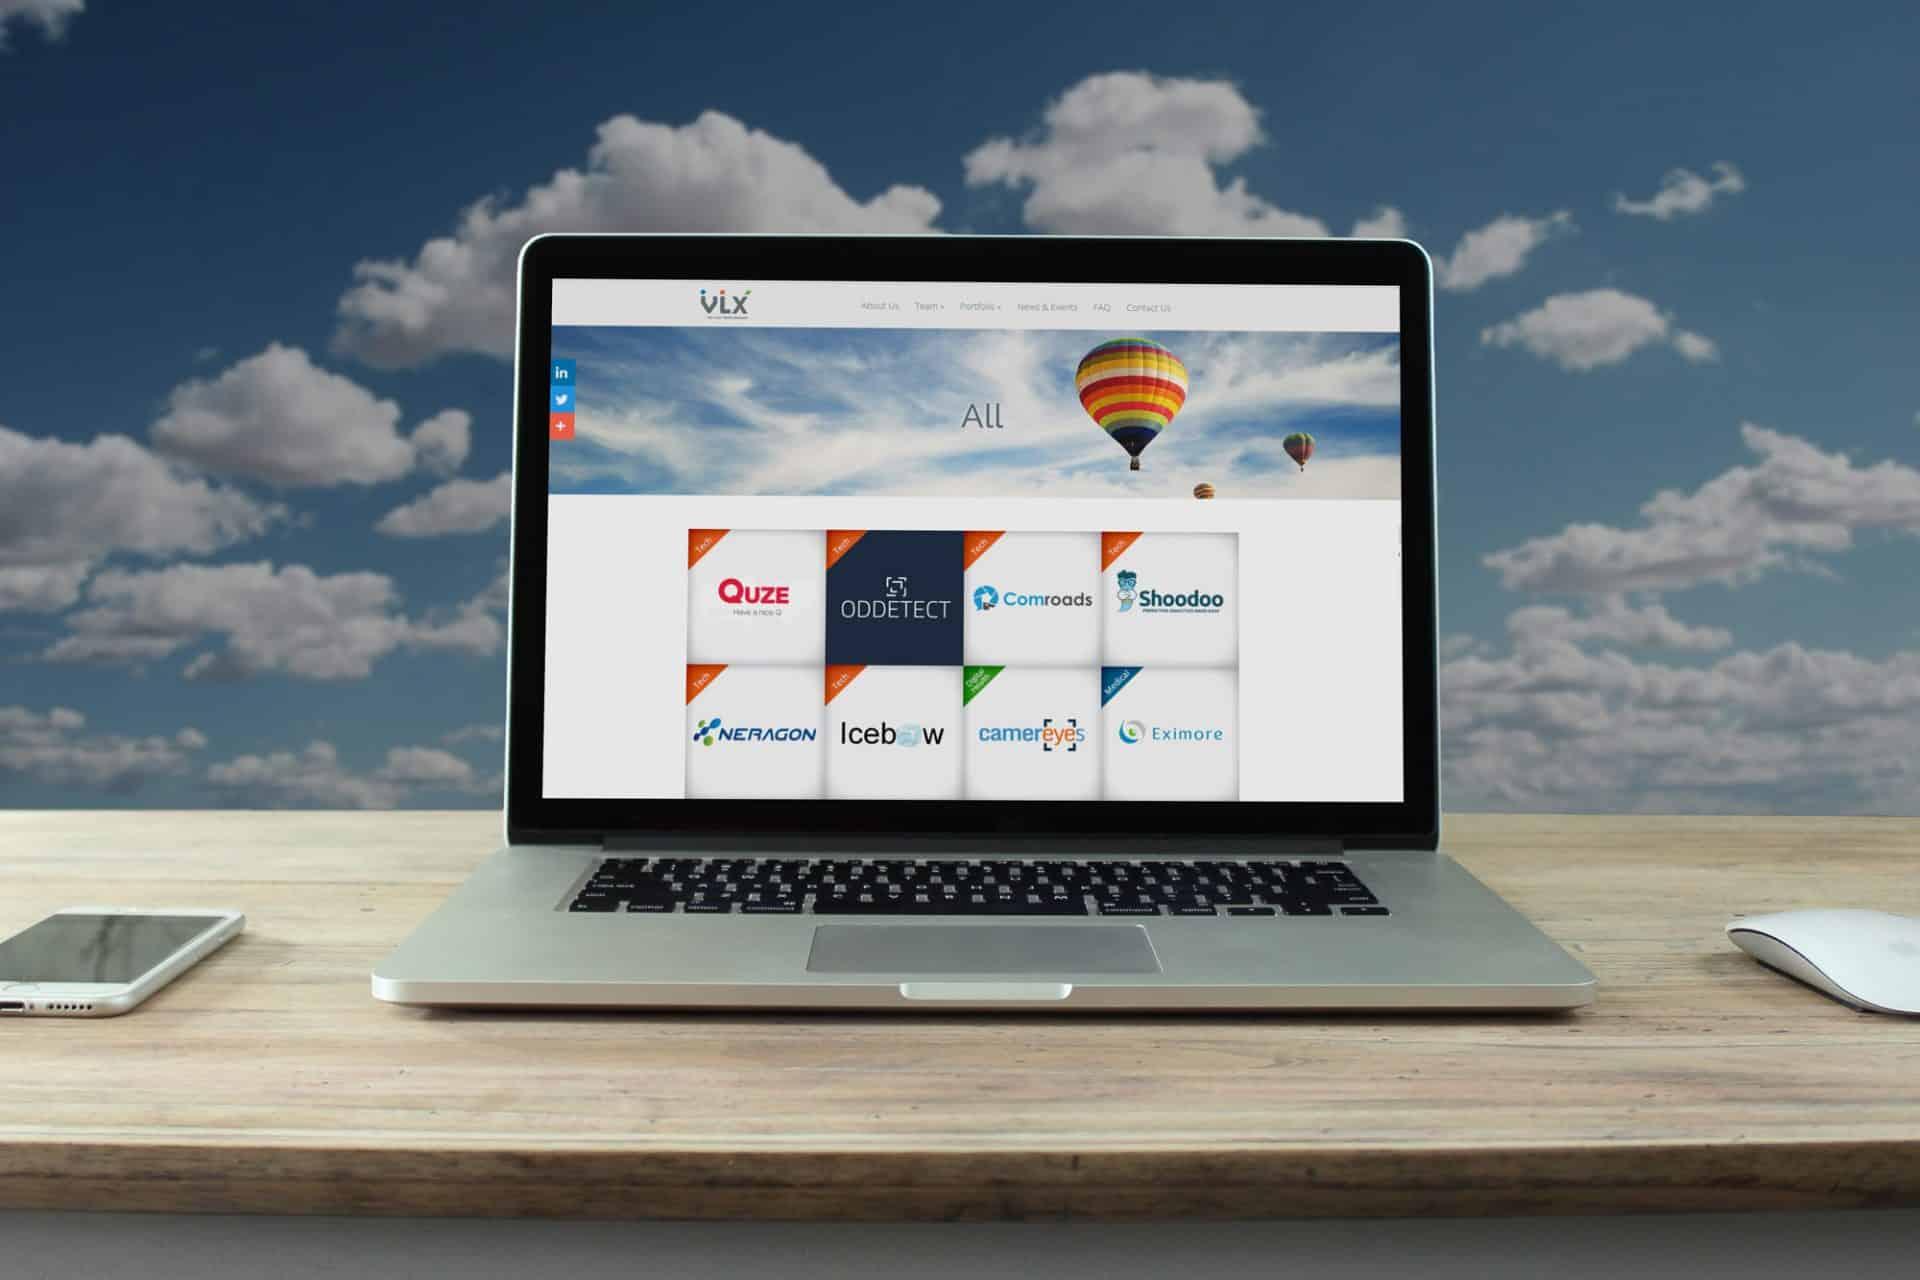 עיצוב ובניית אתר ל VLX חממה טכנולוגית בגבעת רם